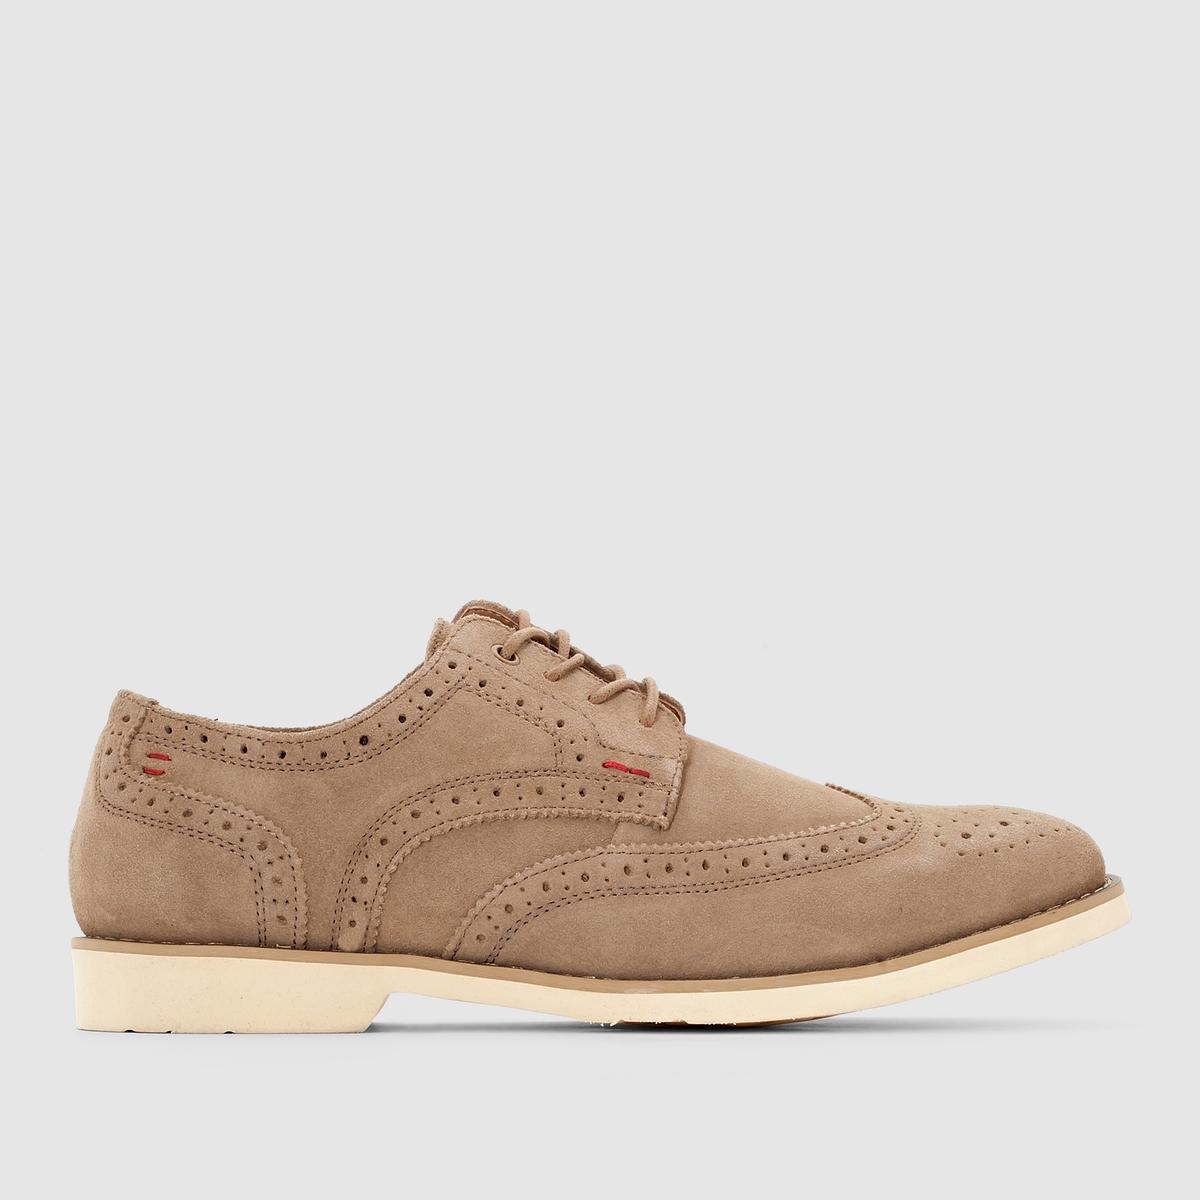 Ботинки-дерби кожаные HUSH PUPPIES FLOWERПреимущества : классический носок и небольшая прострочка. Независимо от вашего стиля, вы никогда не пропустите эти ботинки-дерби HUSH PUPPIES.<br><br>Цвет: бежевый<br>Размер: 41